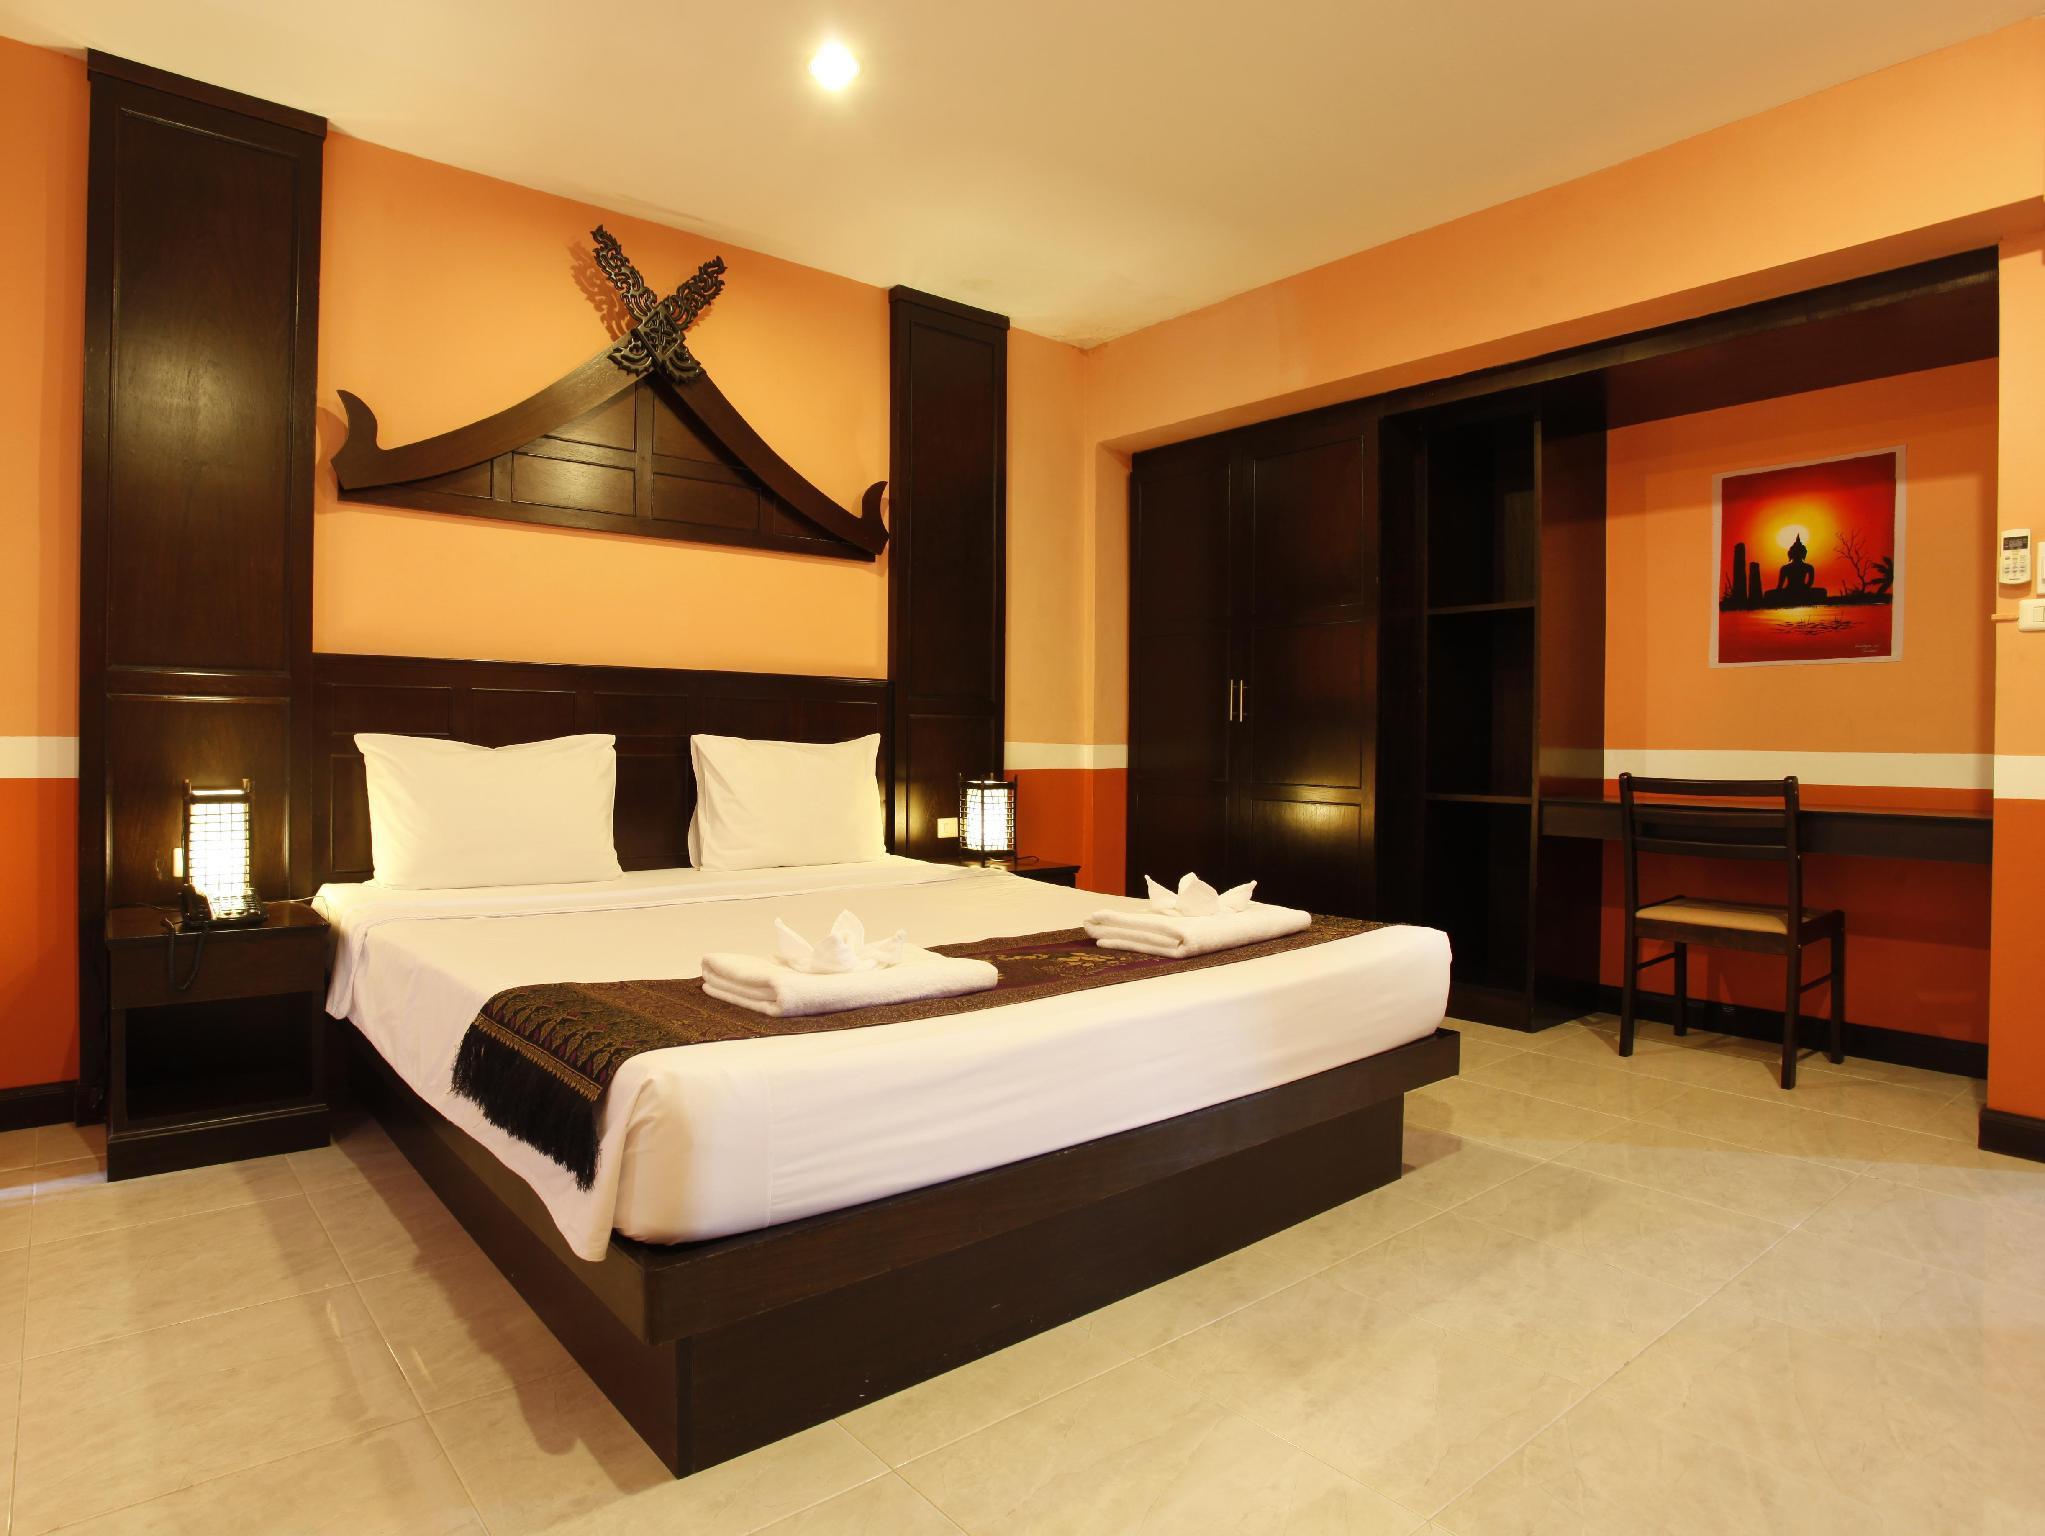 Amici Miei Hotel, Pulau Phuket